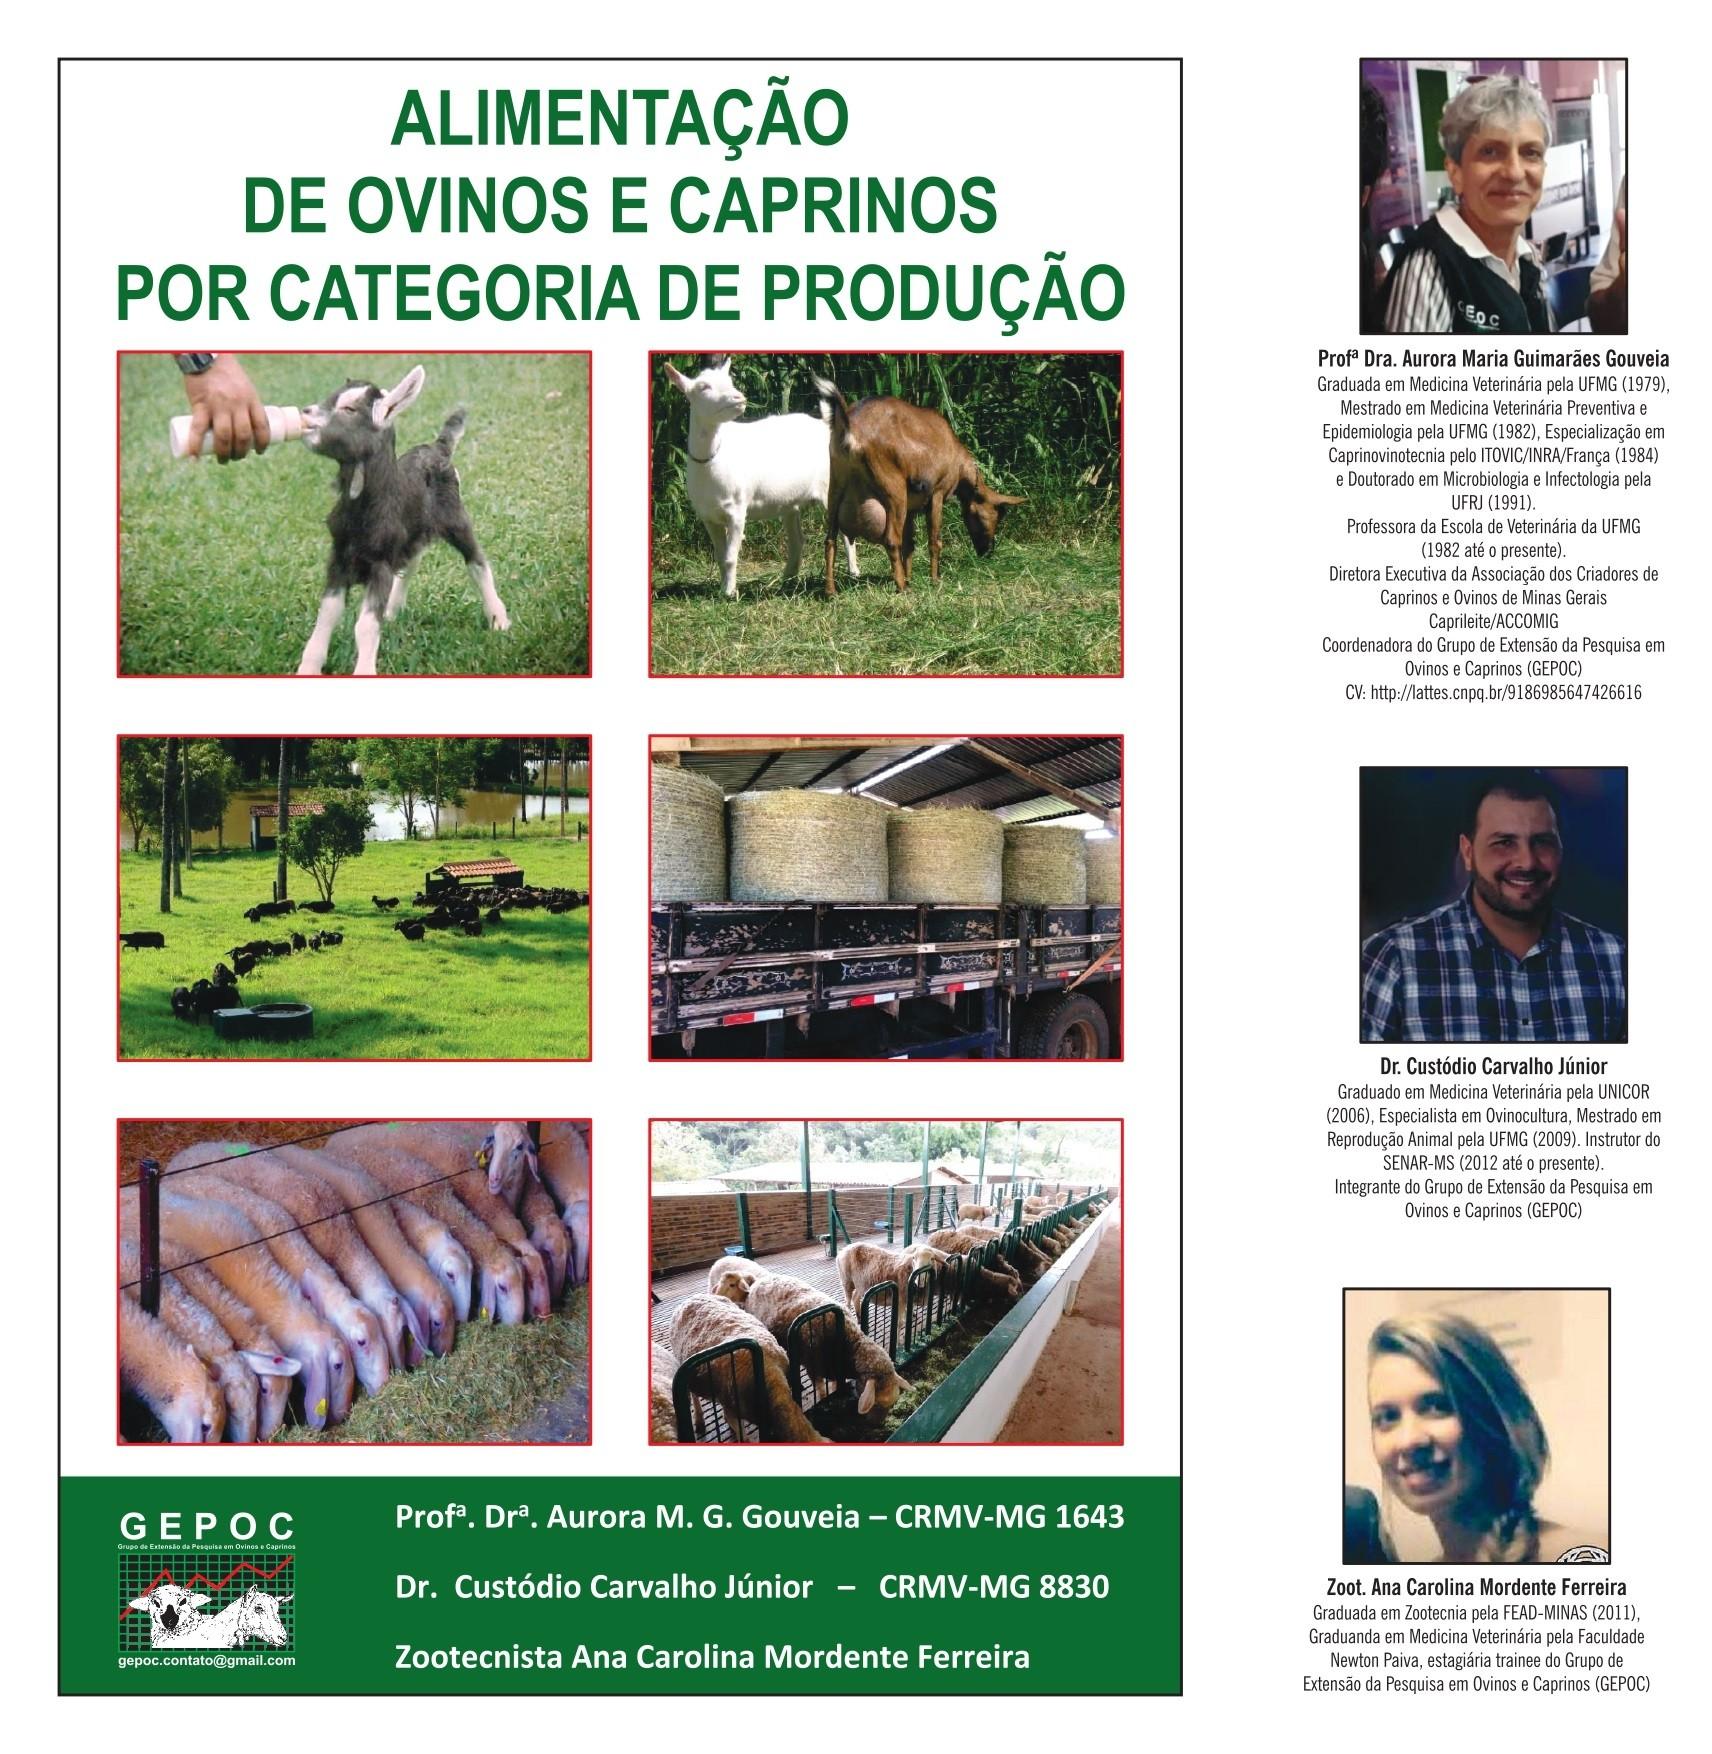 Apostila Alimentação de Ovinos e Caprinos por Categoria de Produção